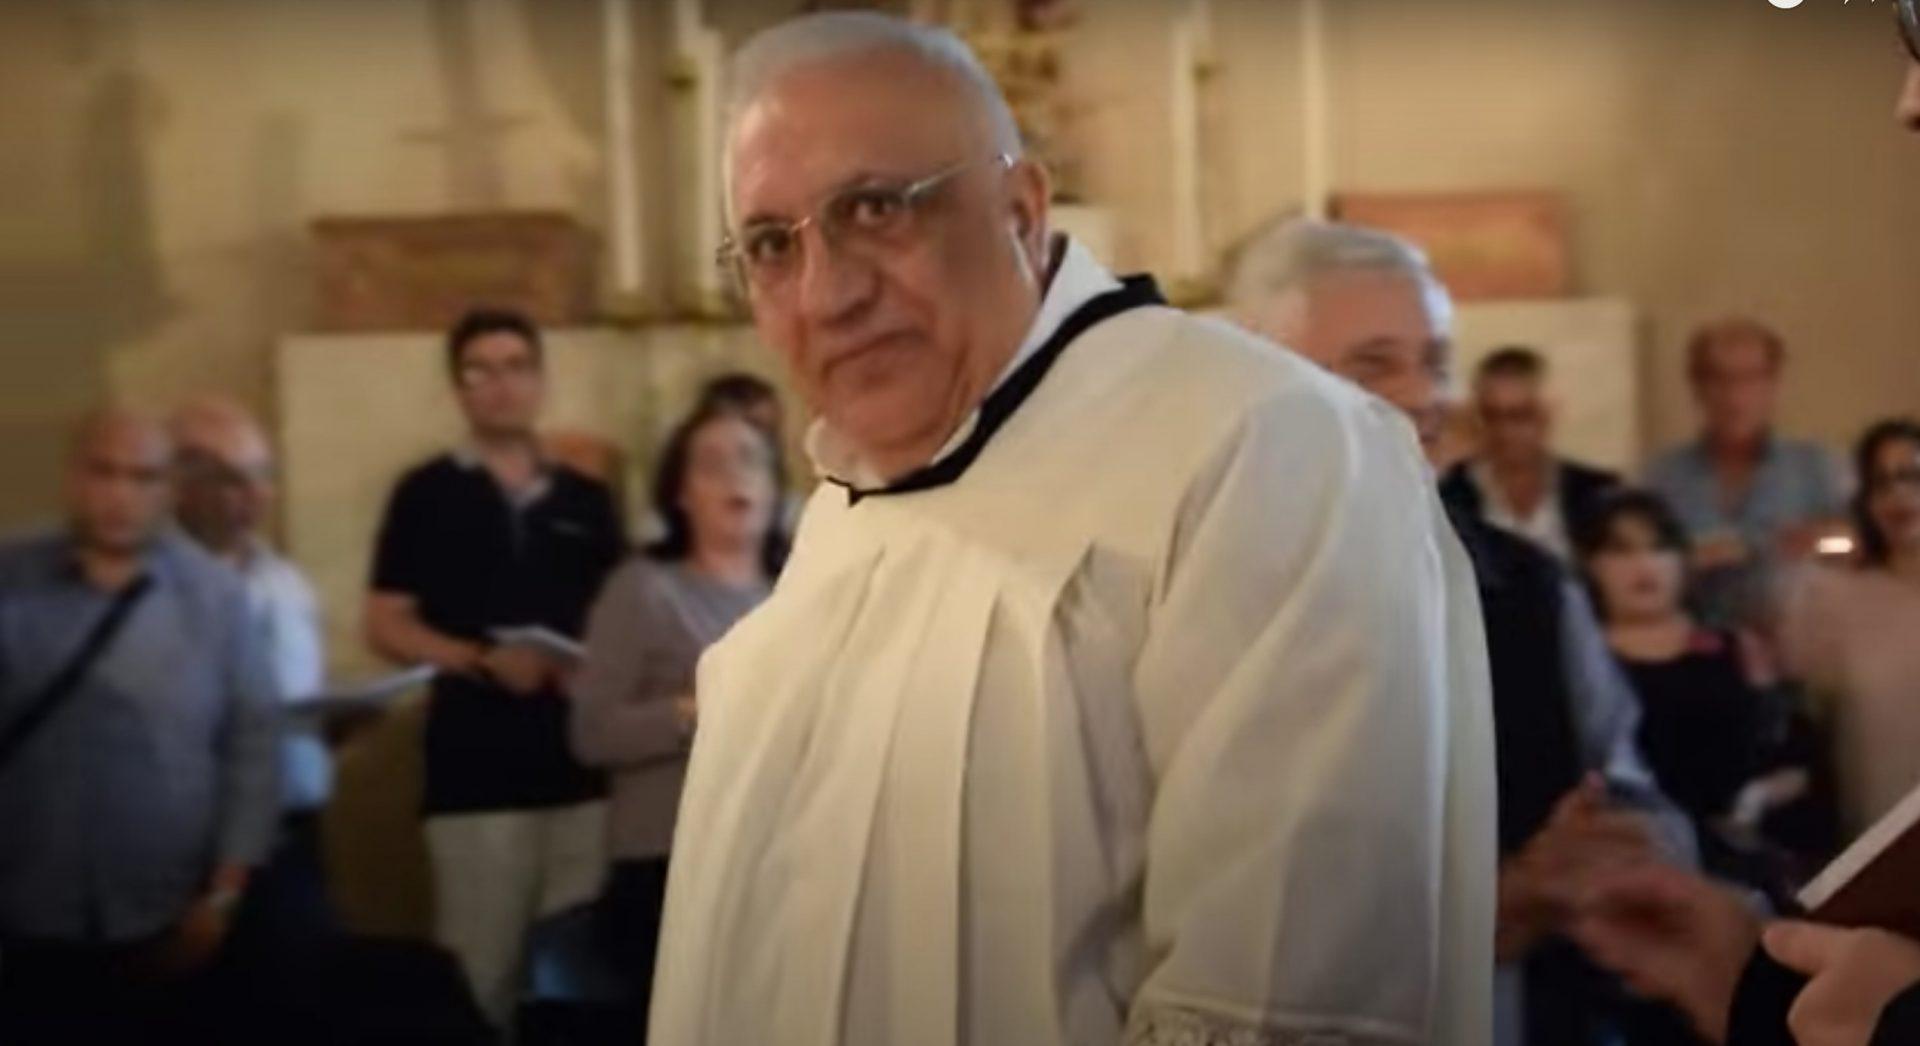 Reggio Calabria in lutto per la morte di don Pino Sorbara. Aveva 69 anni